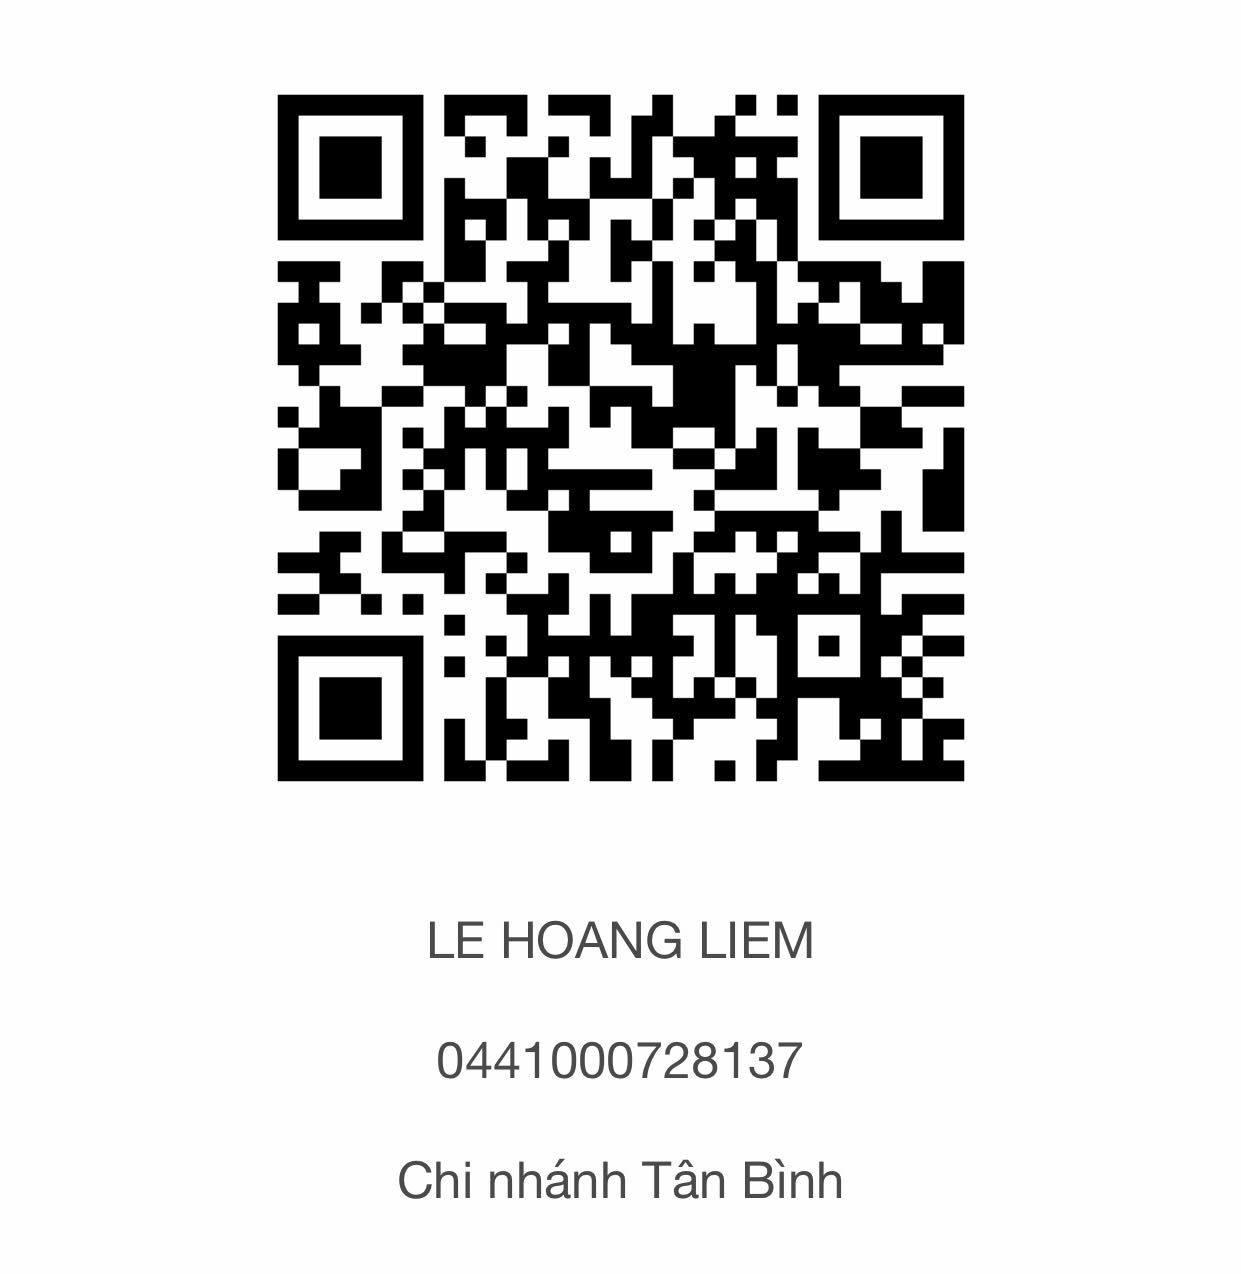 Chấp nhận thanh toán Vietcombank tại Xship.vn